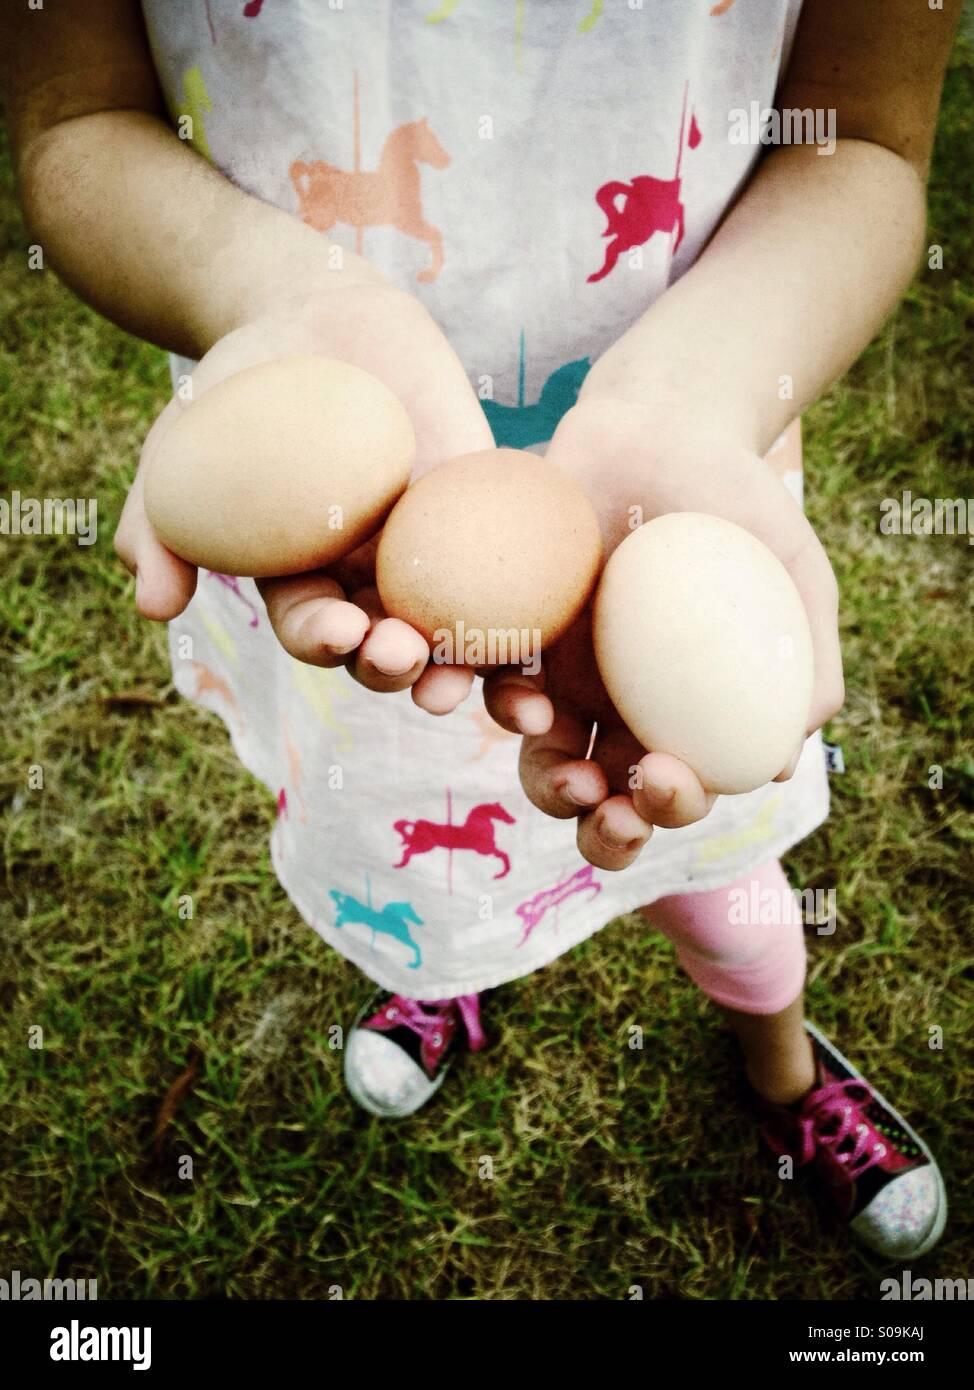 Trois œufs frais dans les mains d'une petite fille Photo Stock